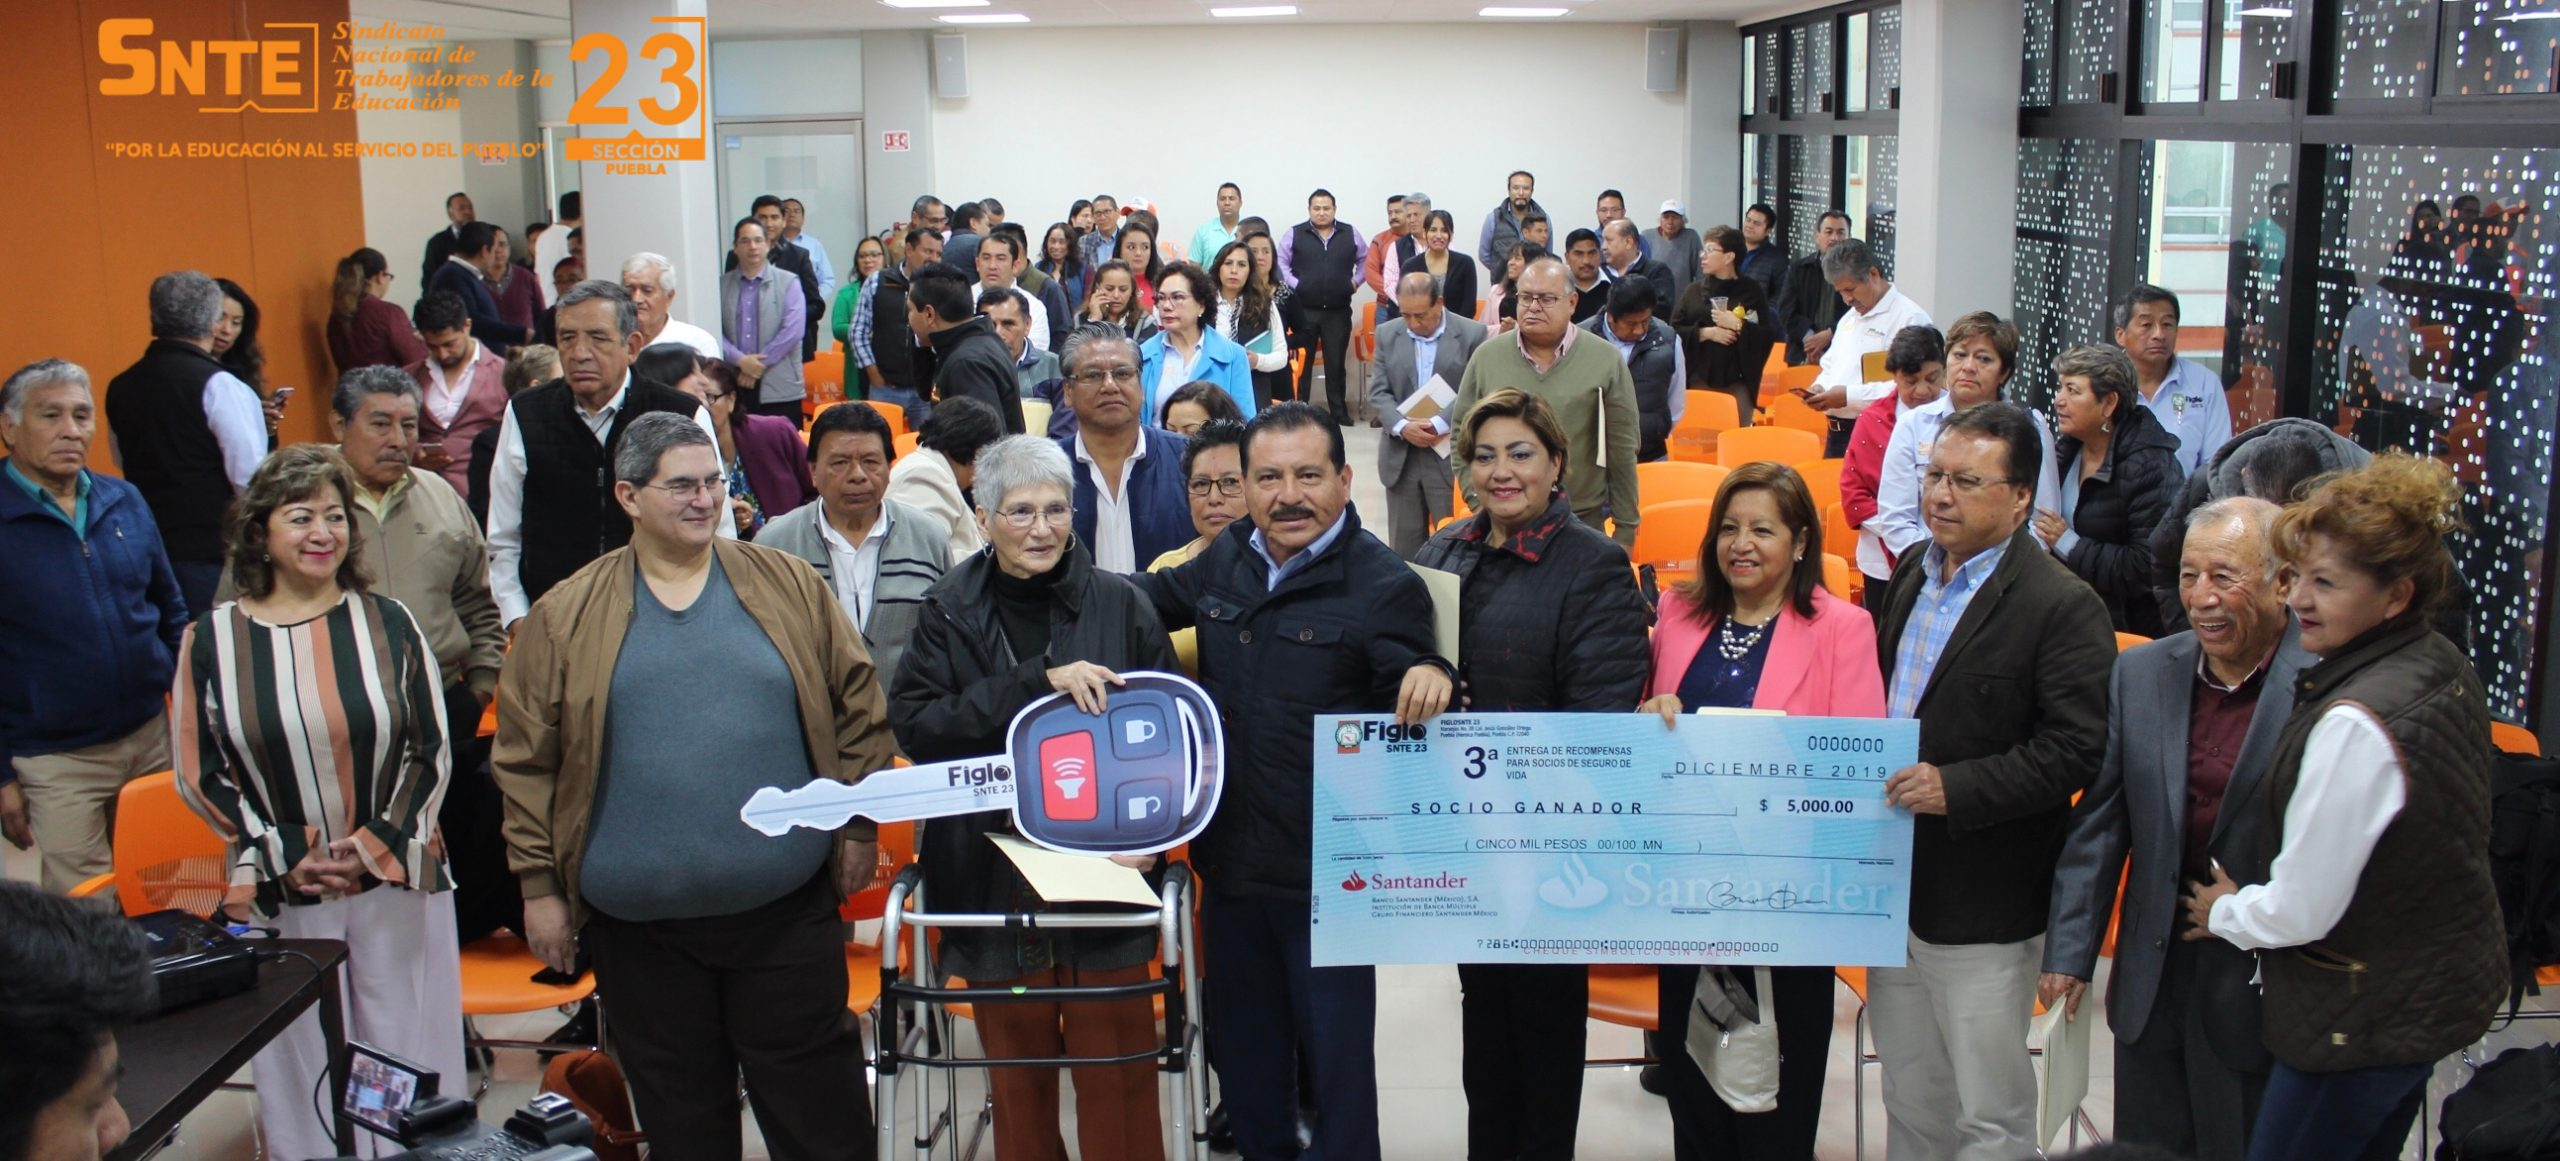 Tercera entrega de recompensas para socios del seguro de FigloSNTE 23